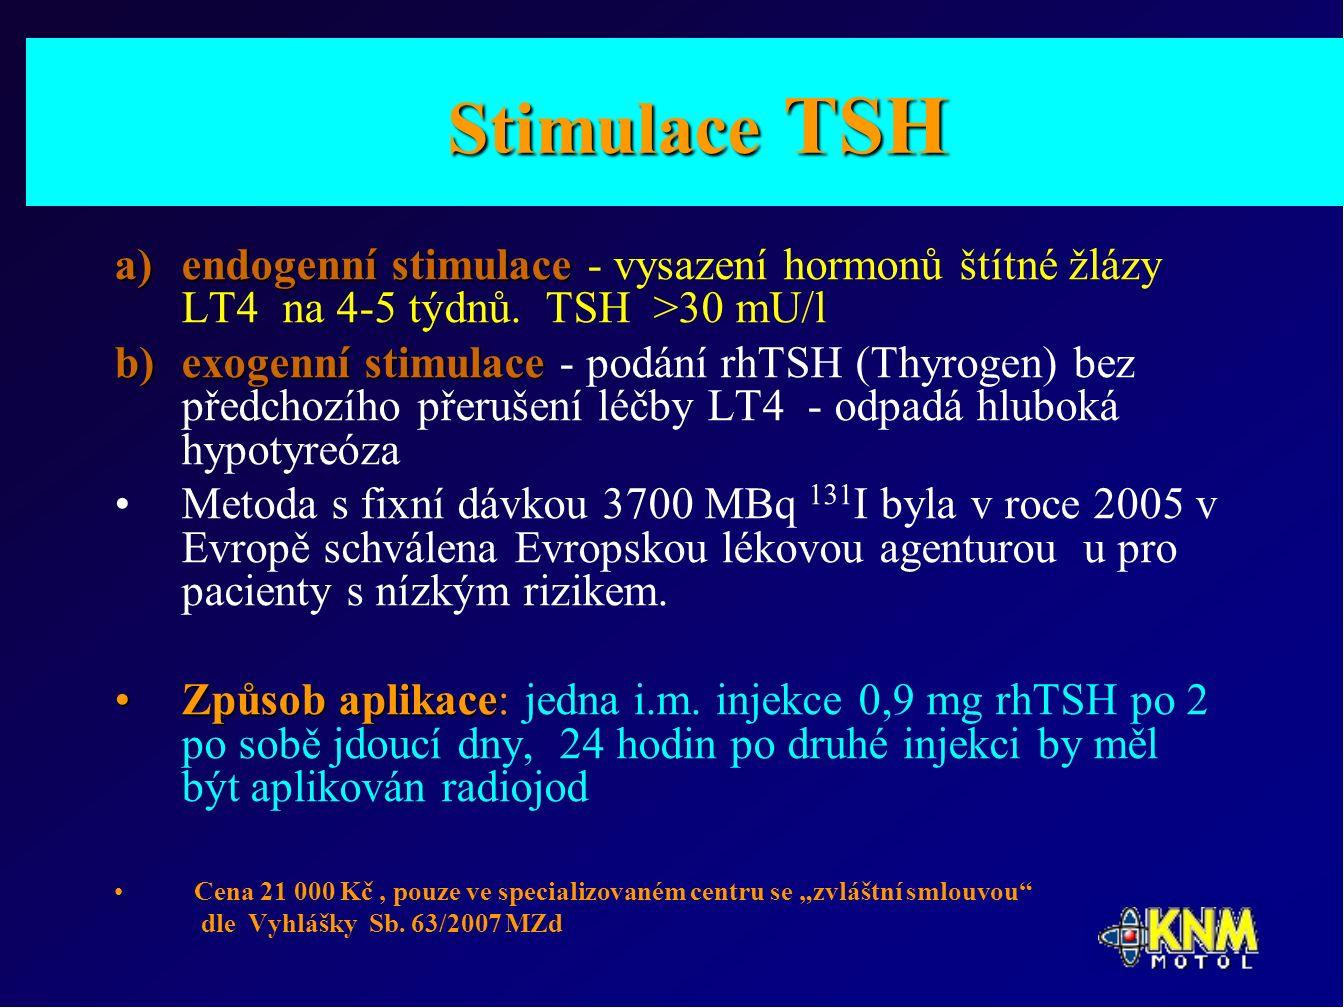 Stimulace TSH a)endogenní stimulace a)endogenní stimulace - vysazení hormonů štítné žlázy LT4 na 4-5 týdnů.